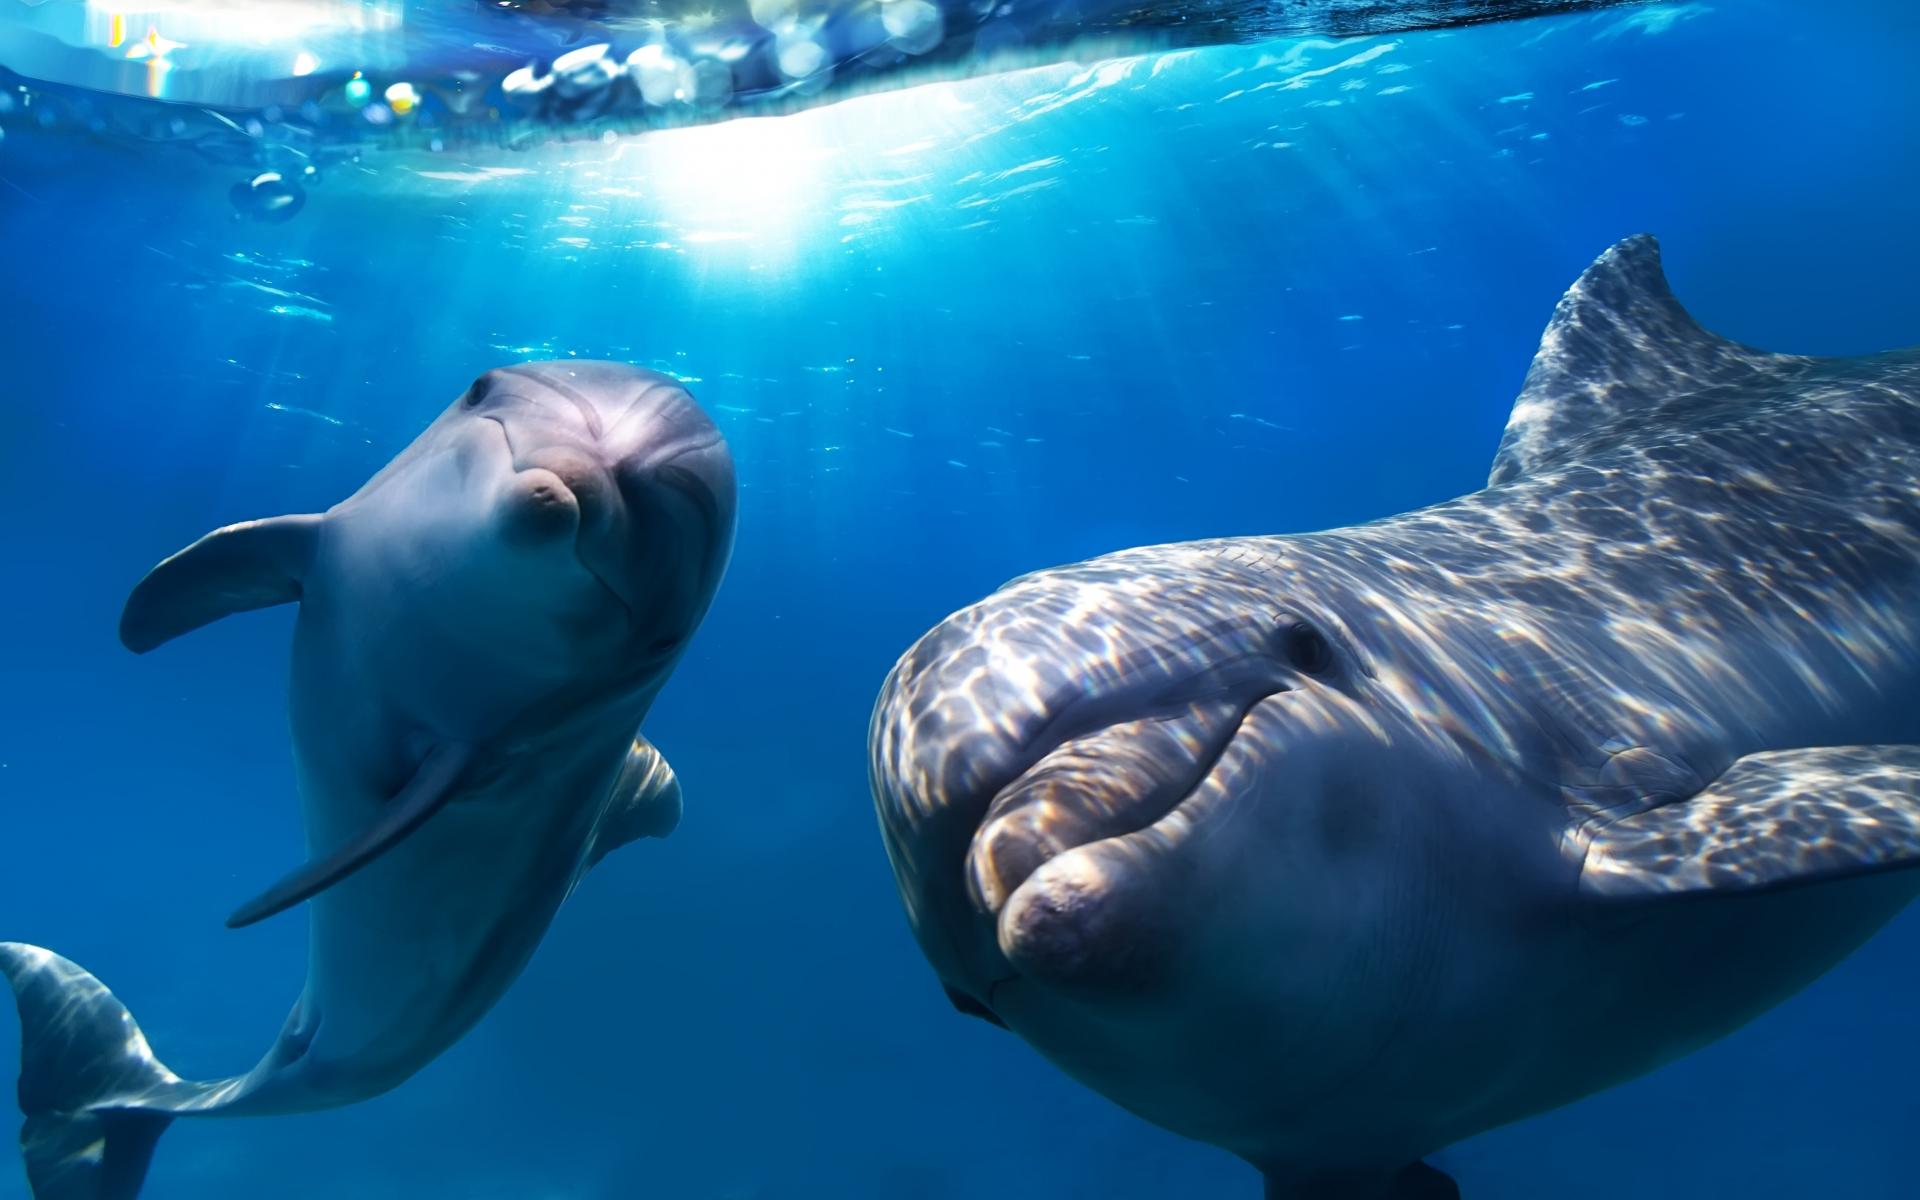 Dolphin Underwater Wallpaper